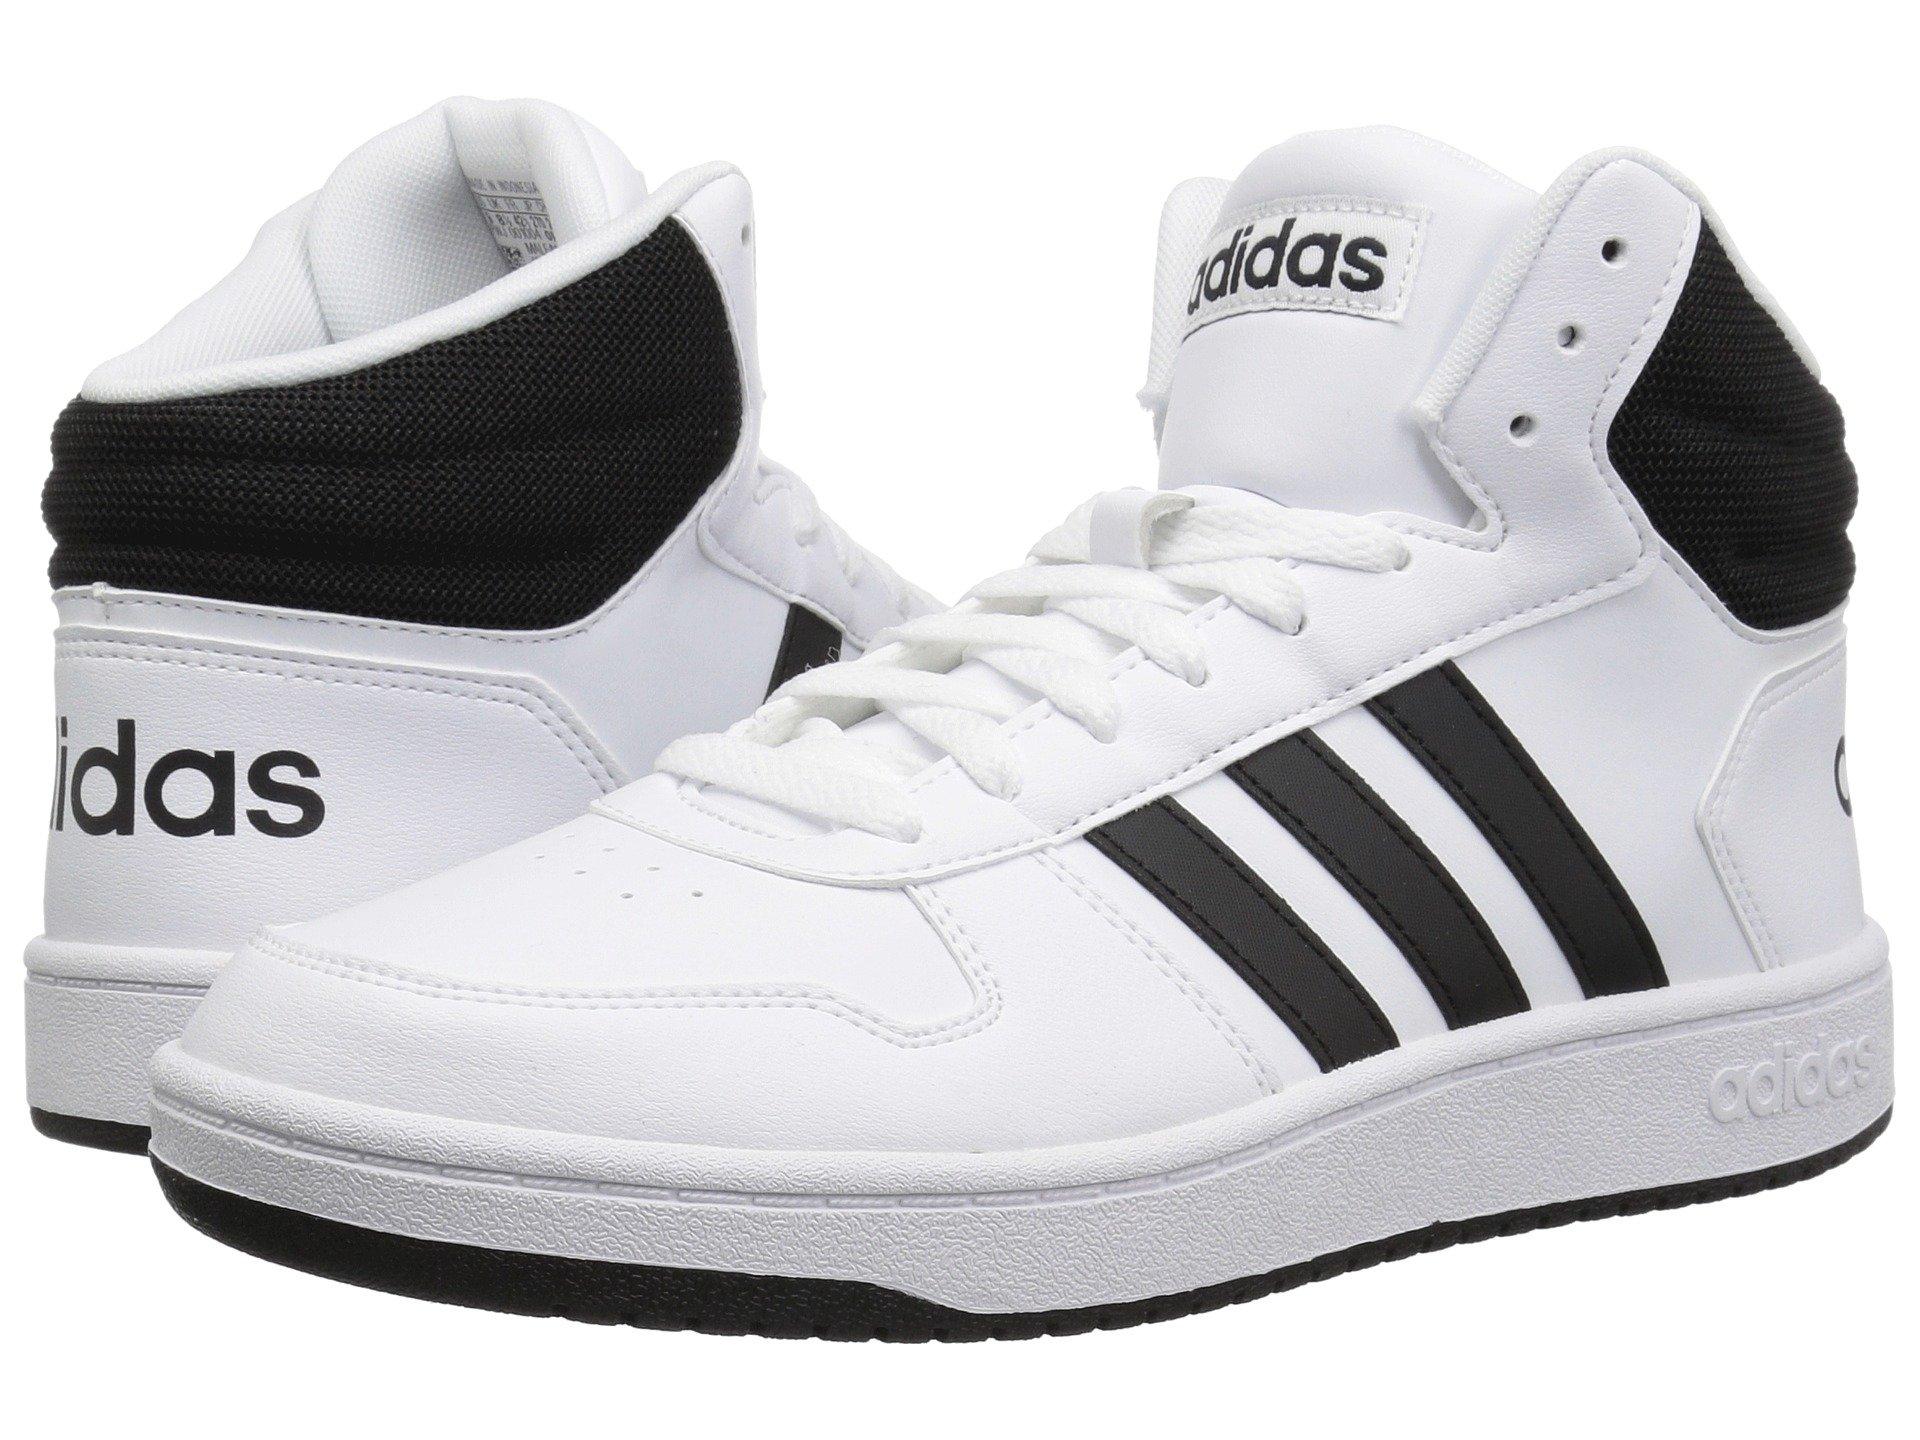 adidas adidas Hoops 2.0 Mid